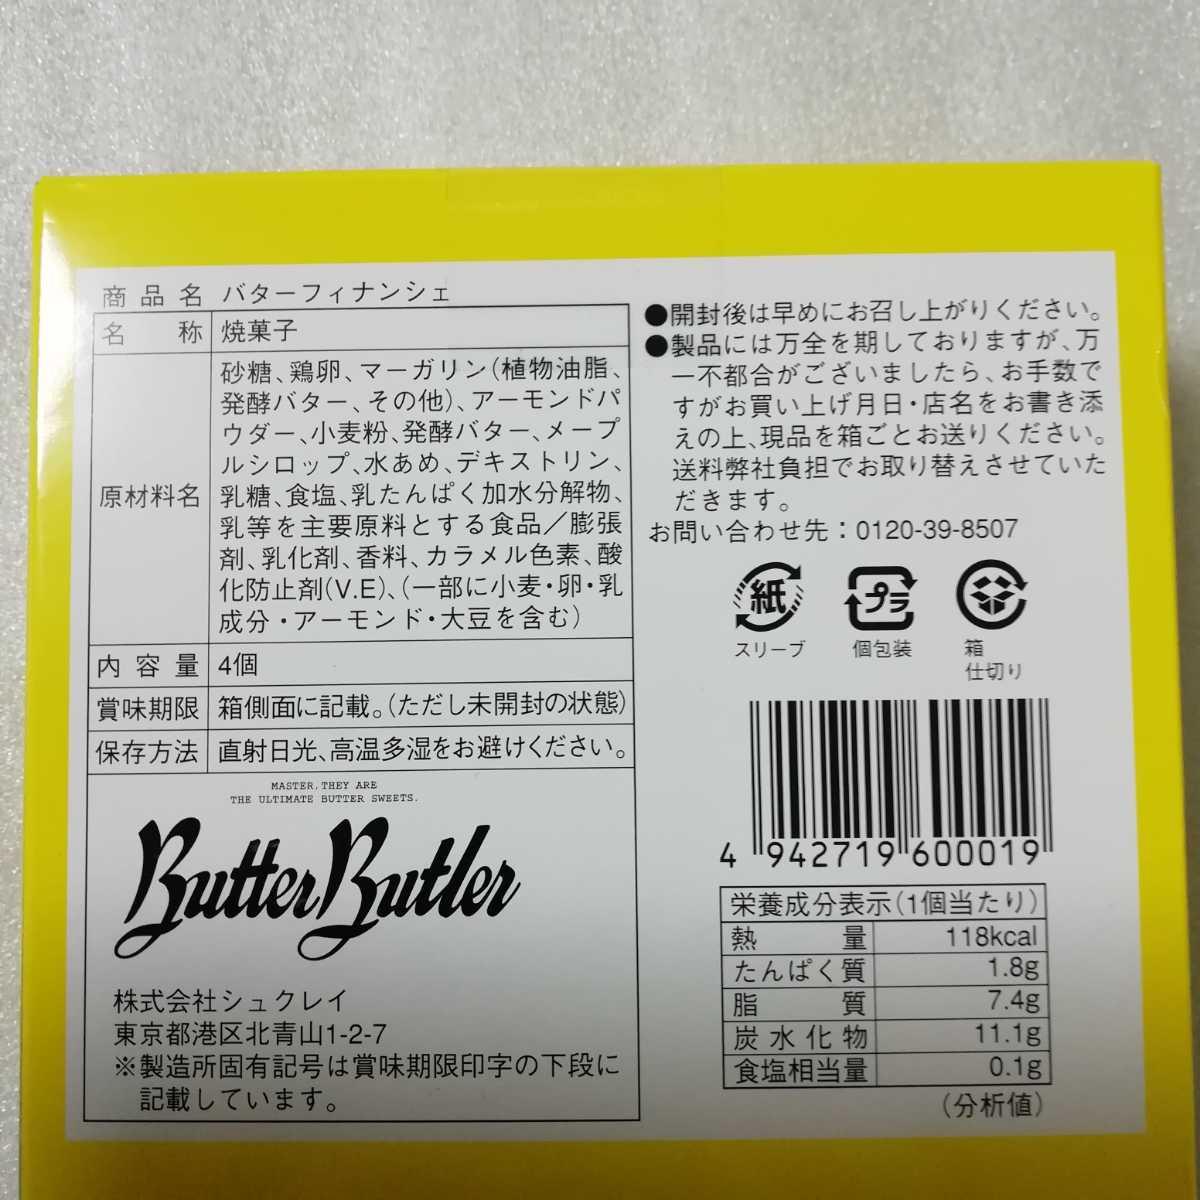 箱無し バターバトラー フィナンシェ ガレット お菓子 詰め合わせ 送料無料_画像2